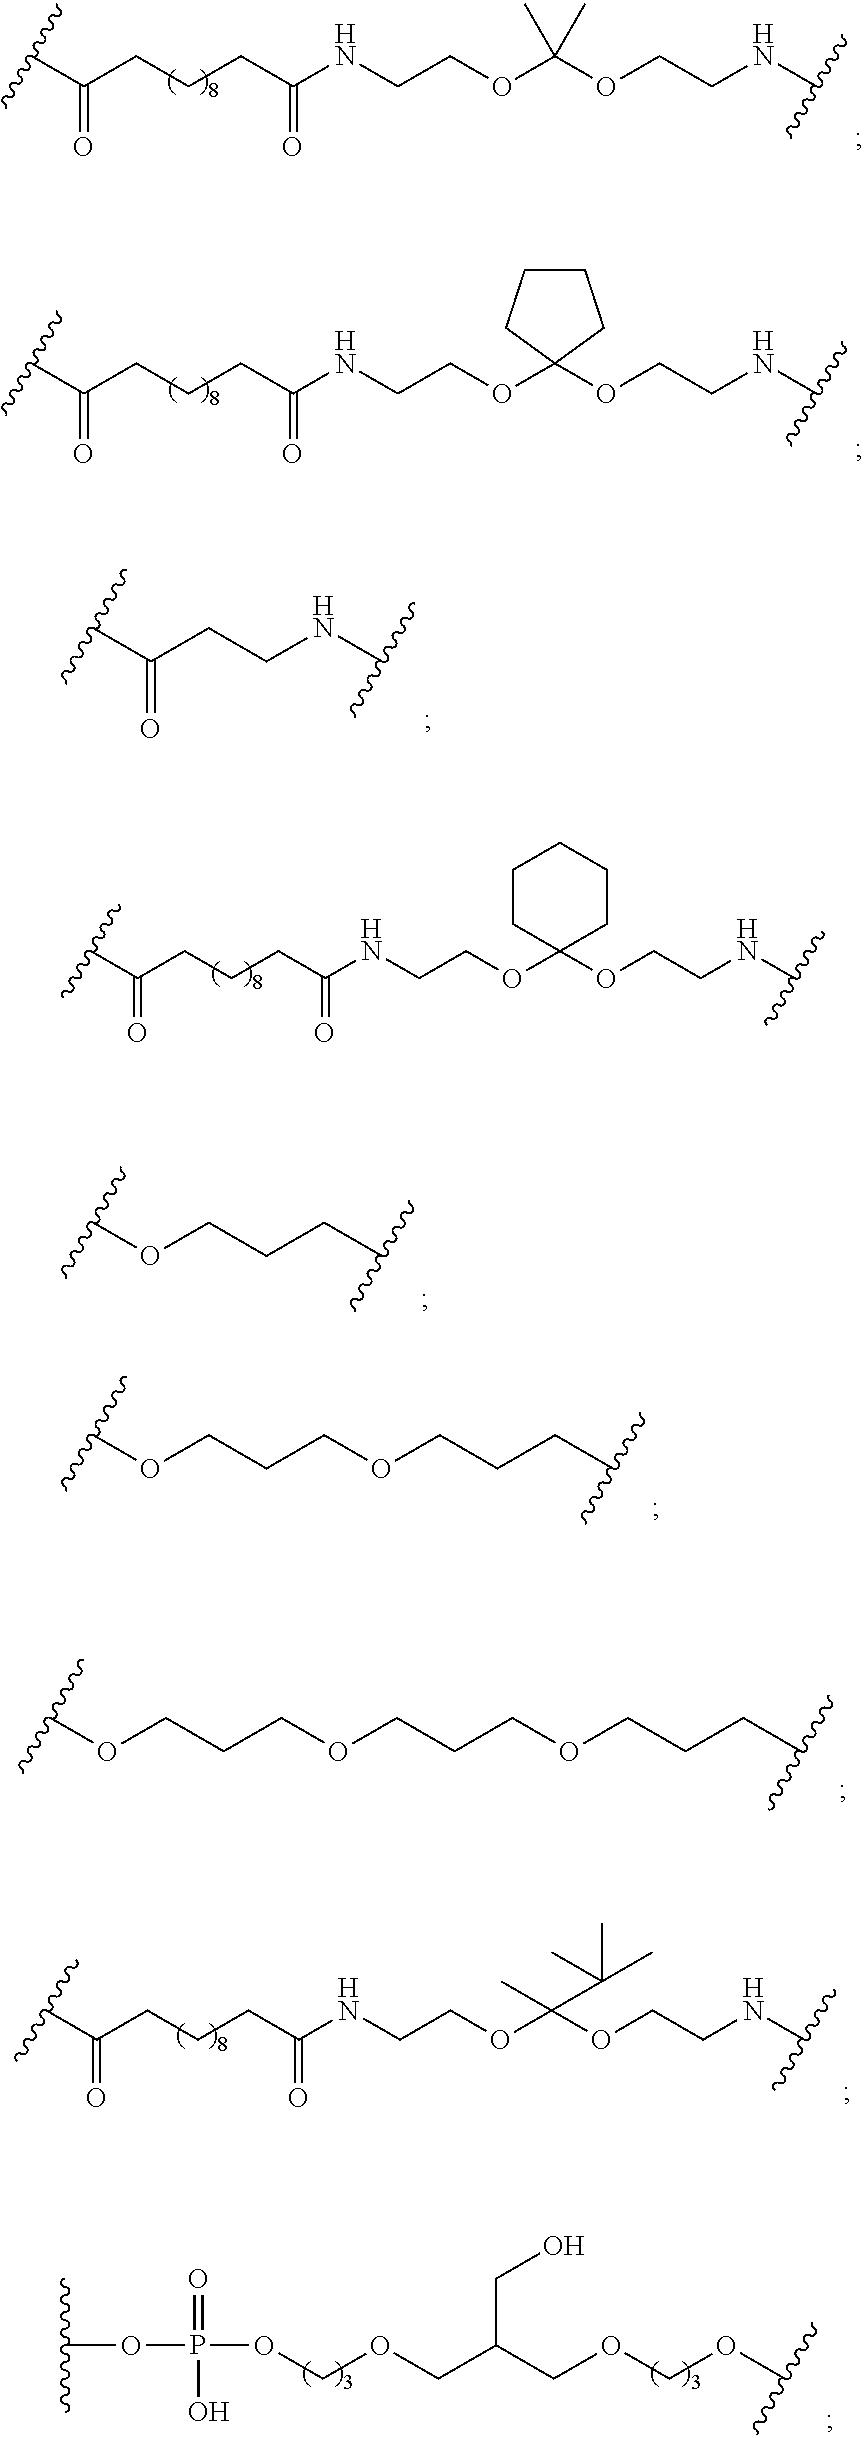 Figure US09932581-20180403-C00154